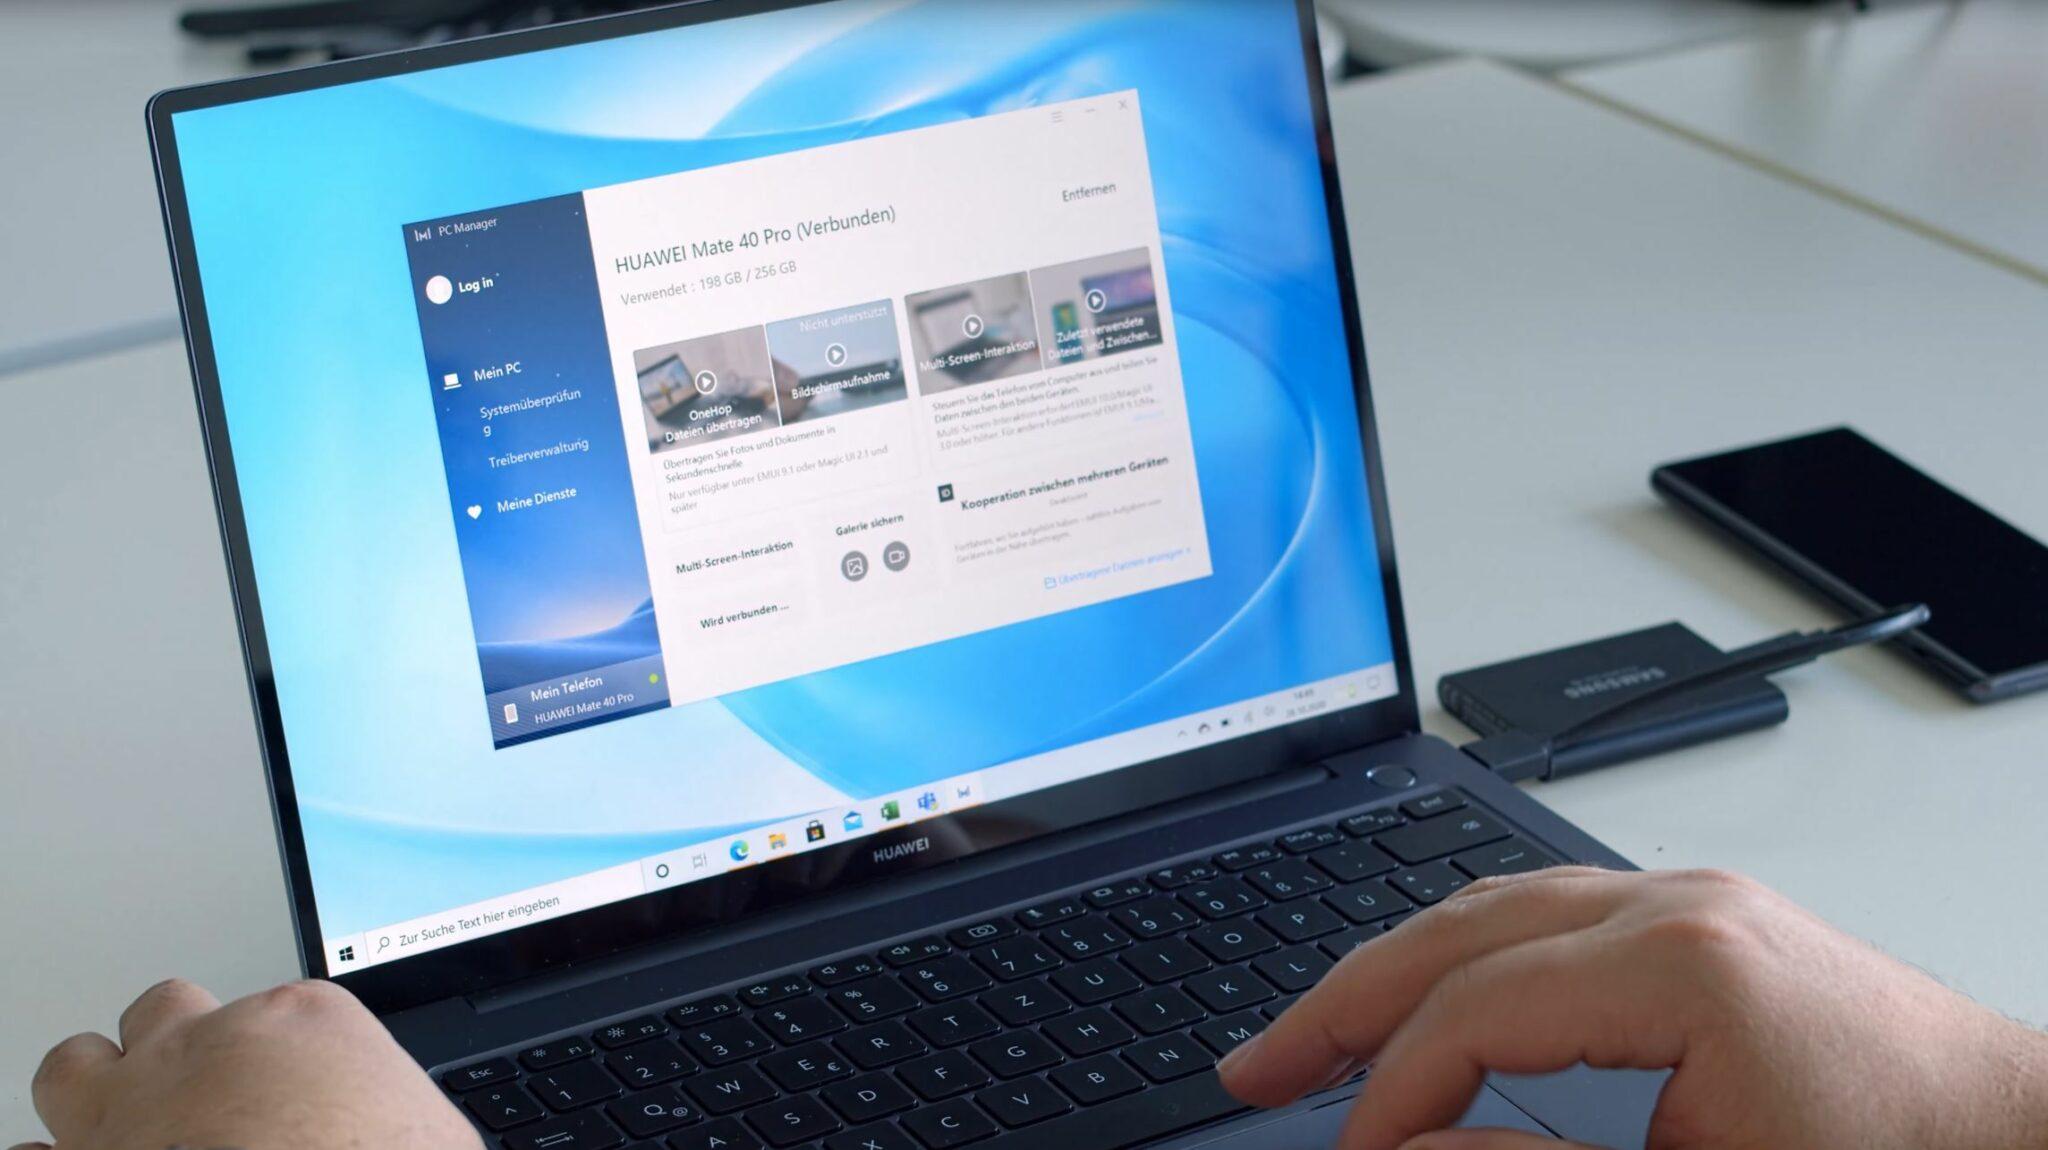 Huawei MateBook 14 AMD Ryzen 7 4800H PCManager